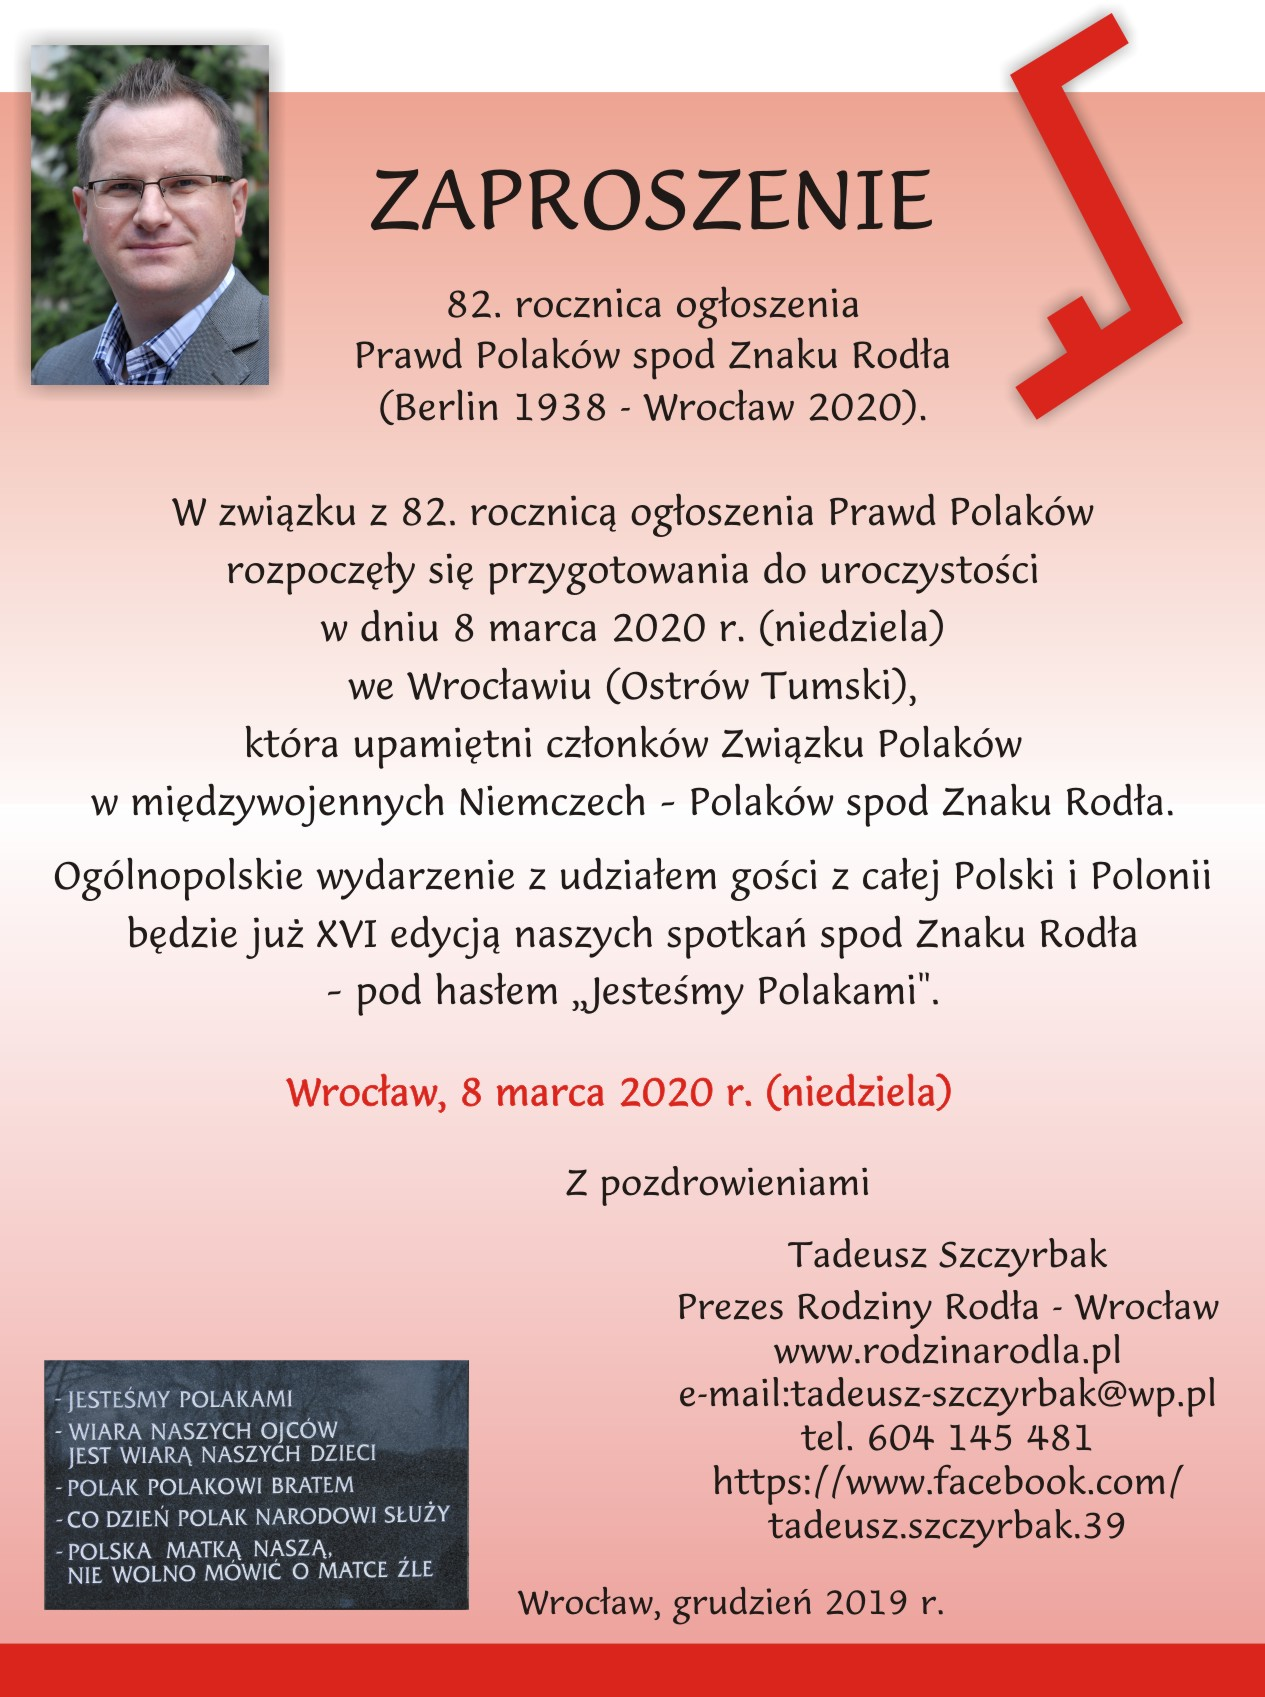 Rodło 2020 - 8 marca 2020 we Wrocławiu